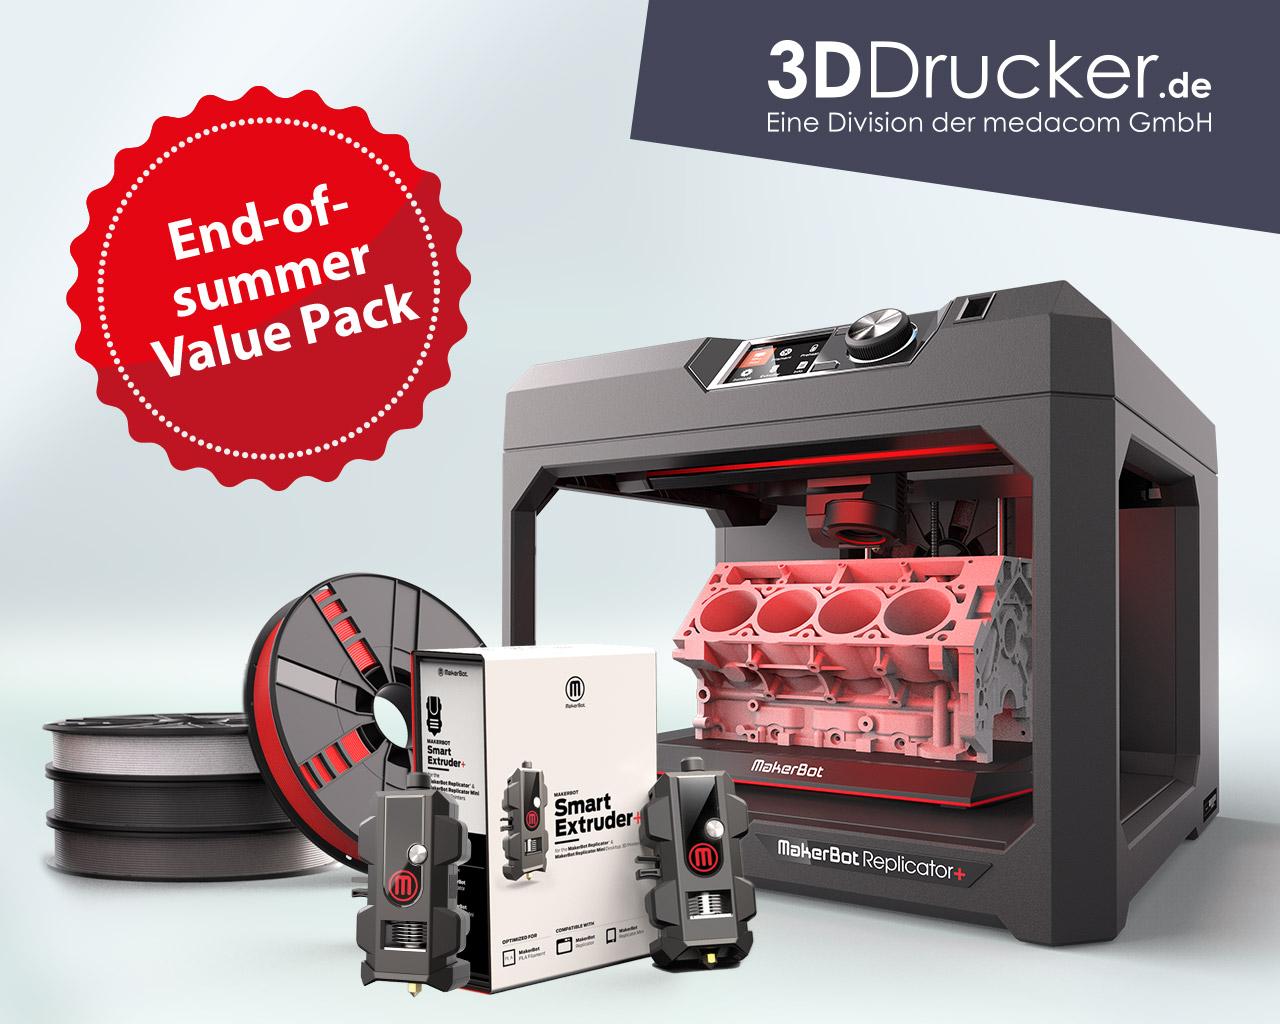 MakerBot End-of-summer Value Pack